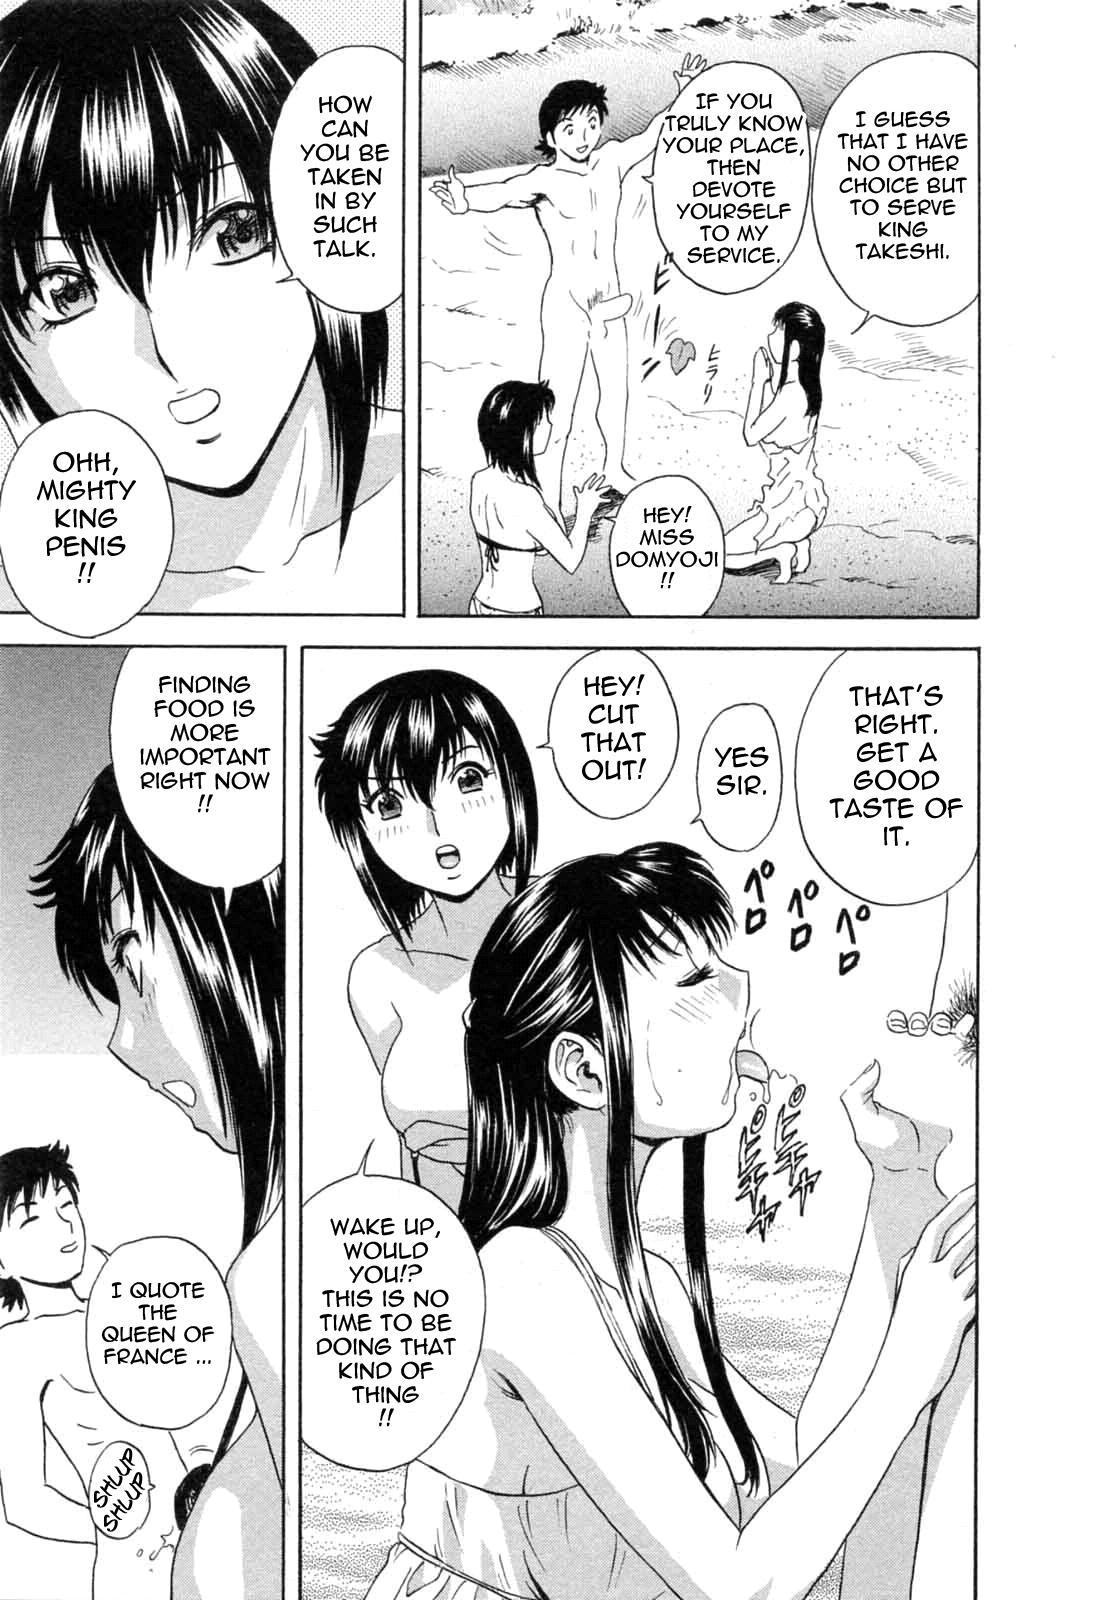 [Hidemaru] Mo-Retsu! Boin Sensei (Boing Boing Teacher) Vol.5 [English] [4dawgz] [Tadanohito] 139